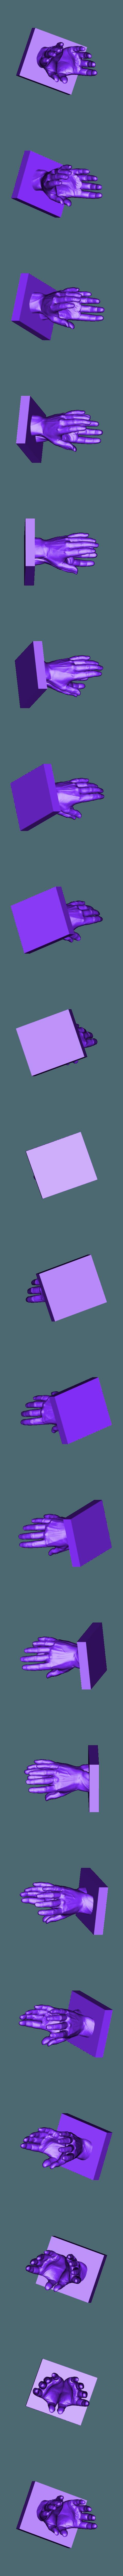 mains.stl Télécharger fichier OBJ mains groupées • Plan pour imprimante 3D, juanpix